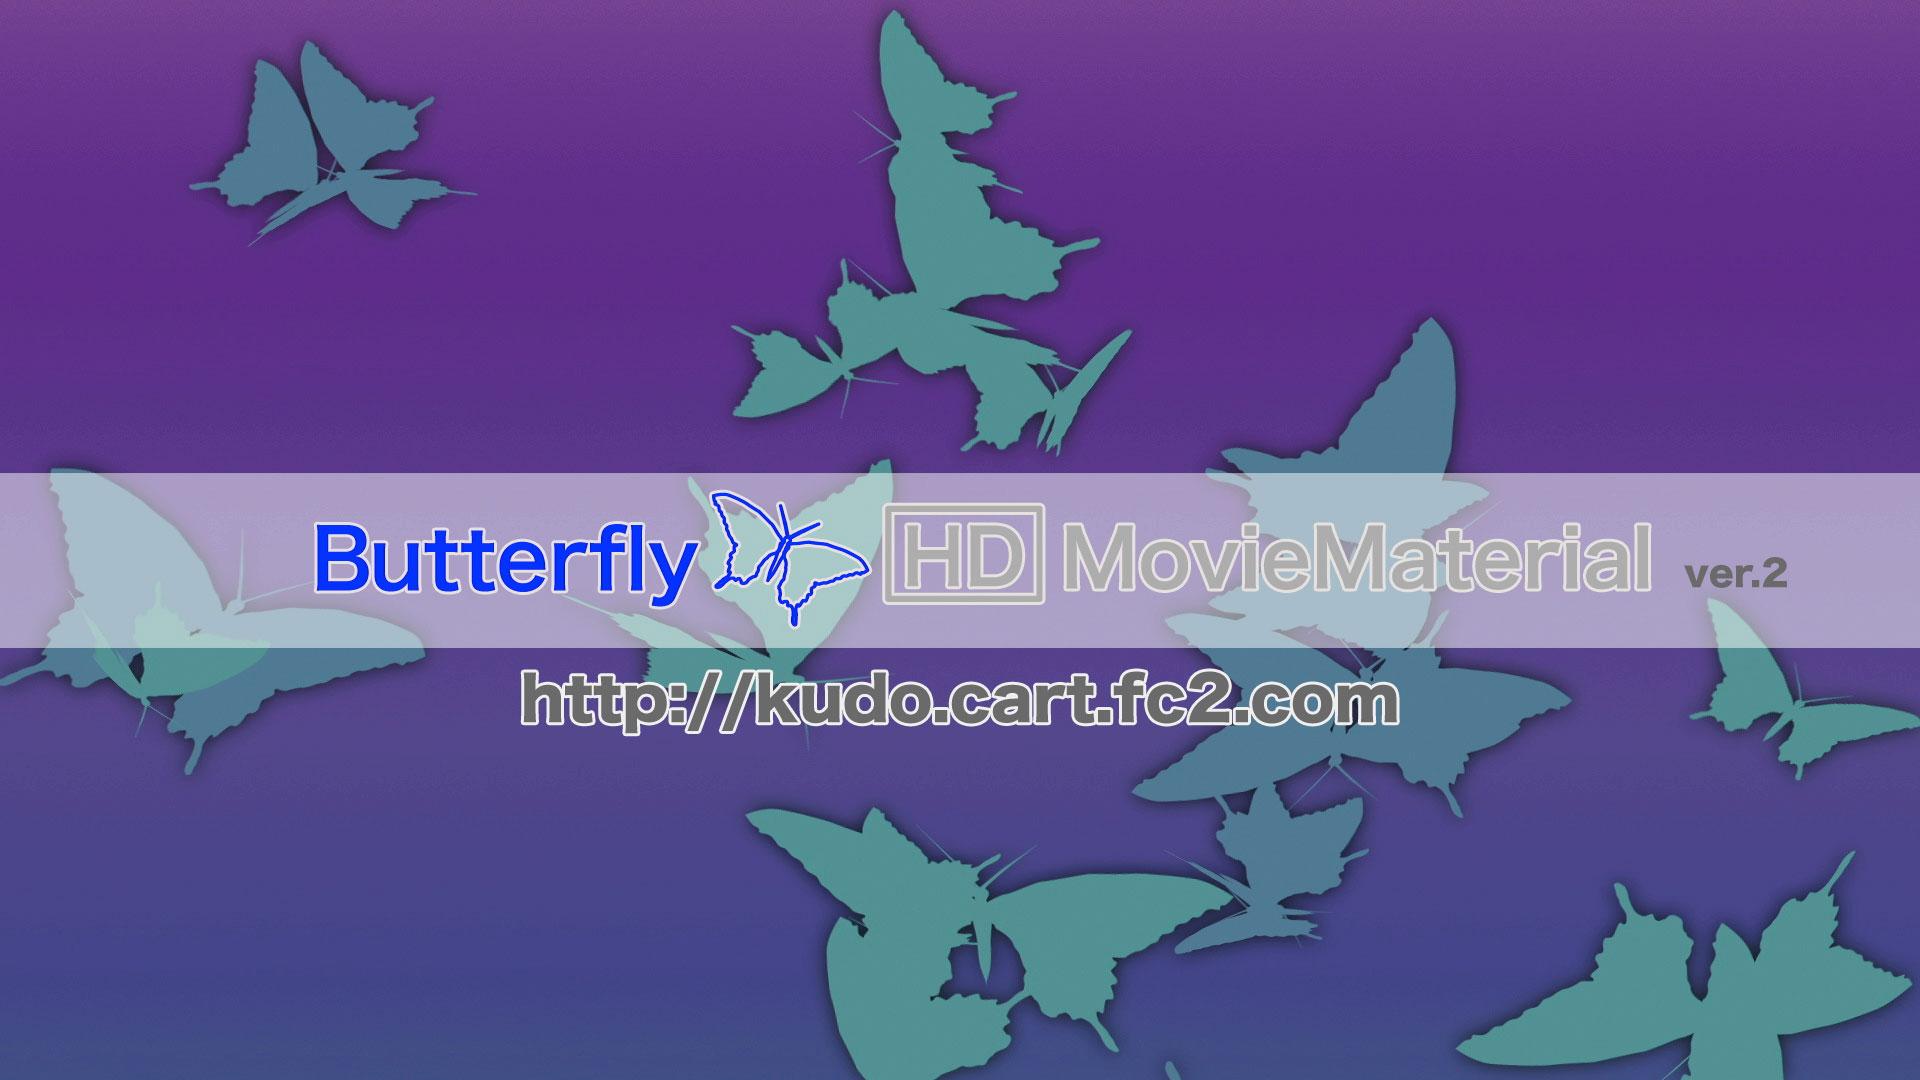 蝶のハイビジョンCG動画素材集【Butterfly HD MovieMaterial】3